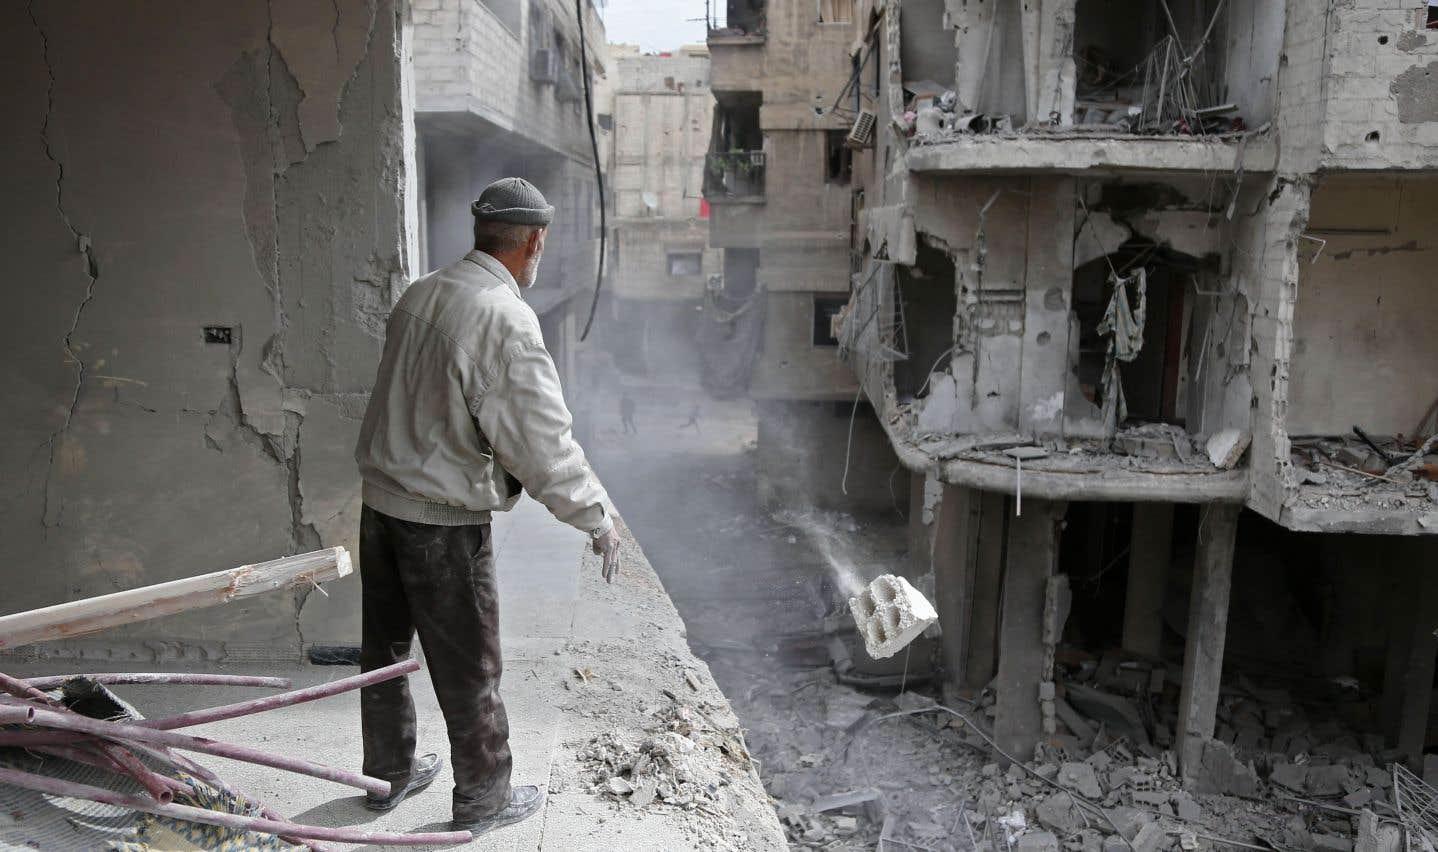 Pour le cinquième jour consécutif, les forces du président syrien Bachar al-Assad soumettaient jeudi cette région à un déluge de feu.